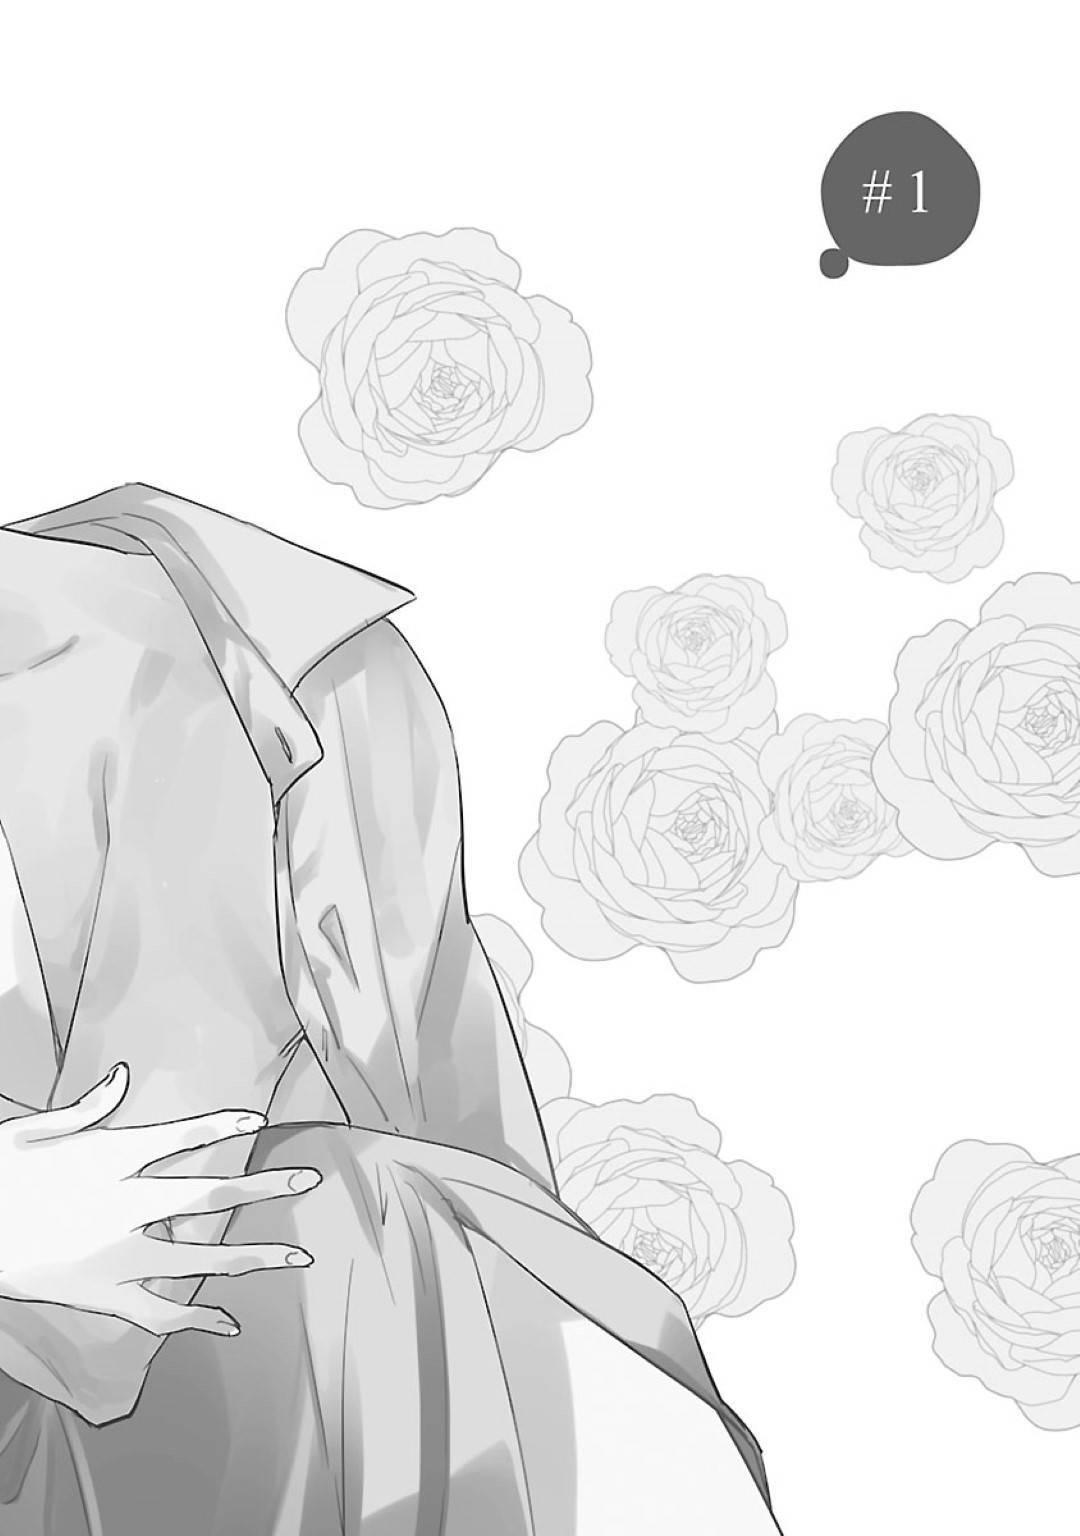 【エロ漫画】自分の信頼している作家のライバルイケメン作家とエレベーターに閉じ込められてしまったオメガの作家見習いのお姉さん…ヒートが発動してしまい実はアルファだったイケメンと本能の生ハメセックスしてしまう【西臣匡子:上の口ではいやいや言っても身体(からだ)は悦(よろこ)んでるんだろう~発情オメガバース~ 第1話】